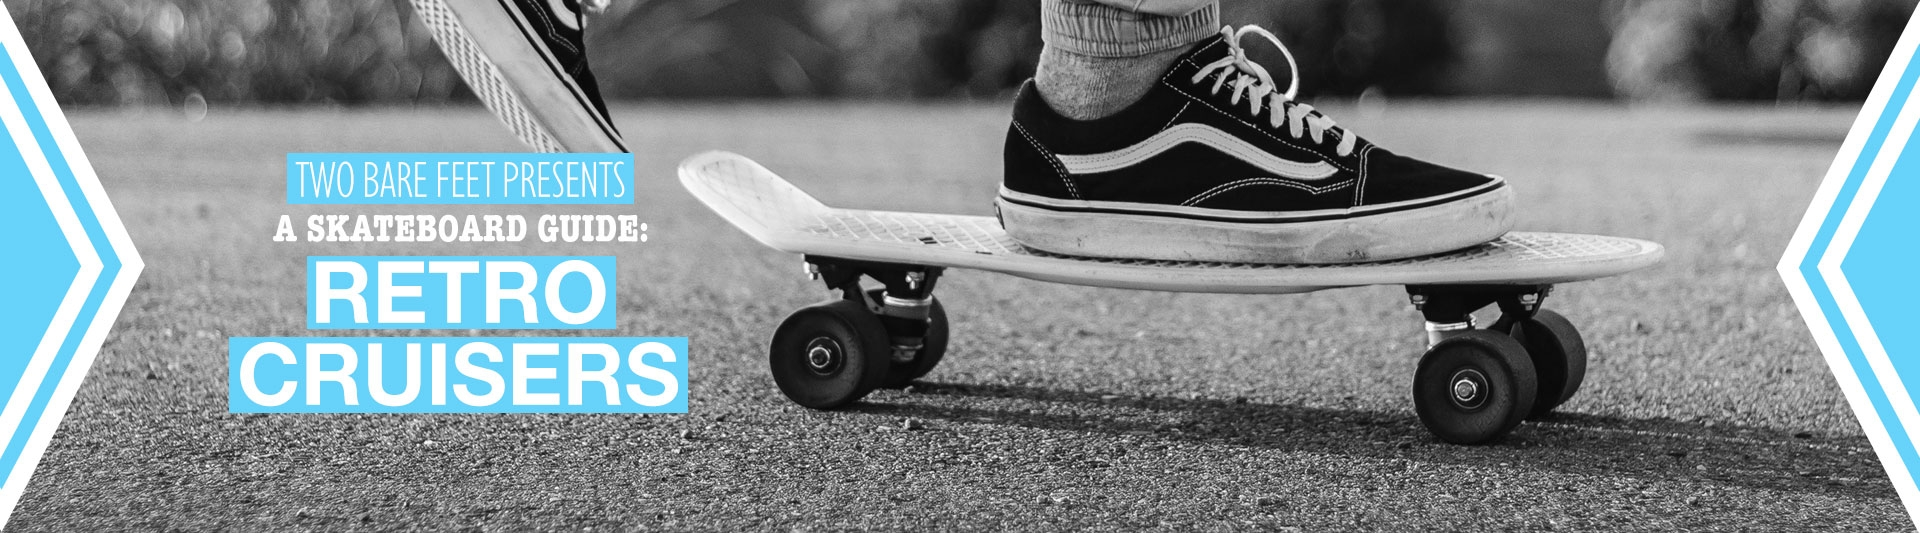 Retro cruiser skateboard banner